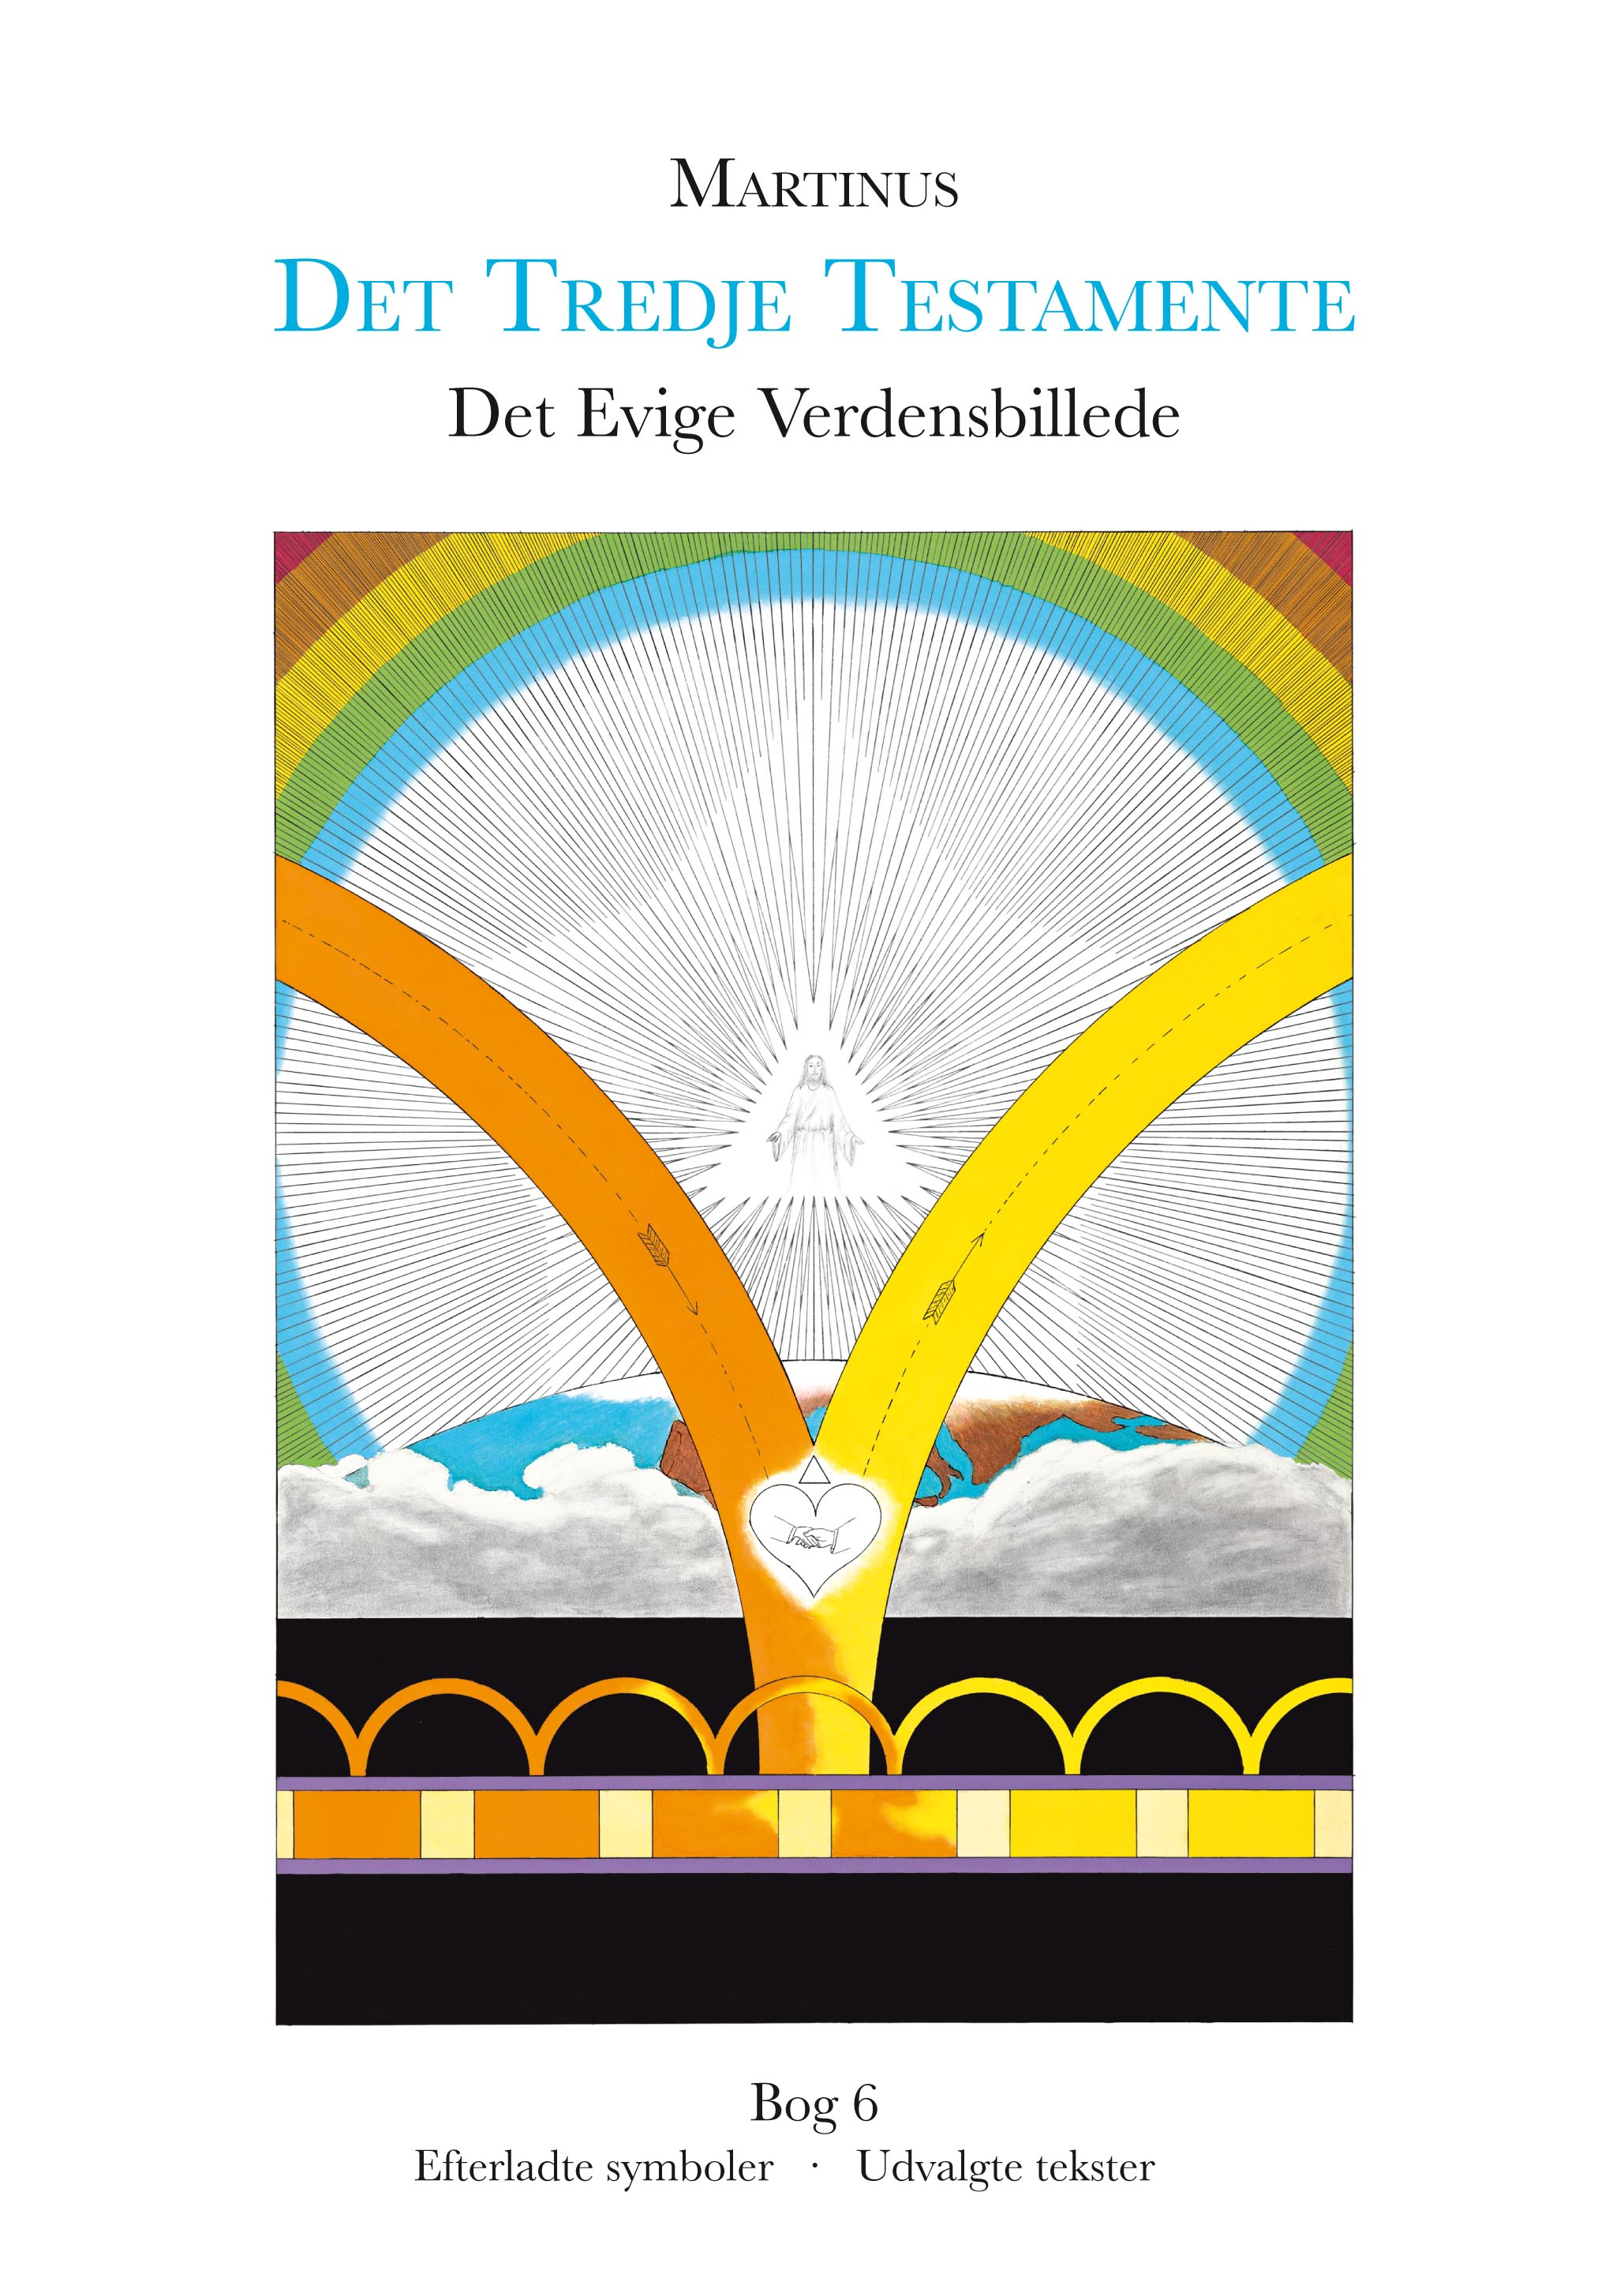 N/A – Det evige verdensbillede, bog 6 (det tredje testamente) - e-bog på bog & mystik